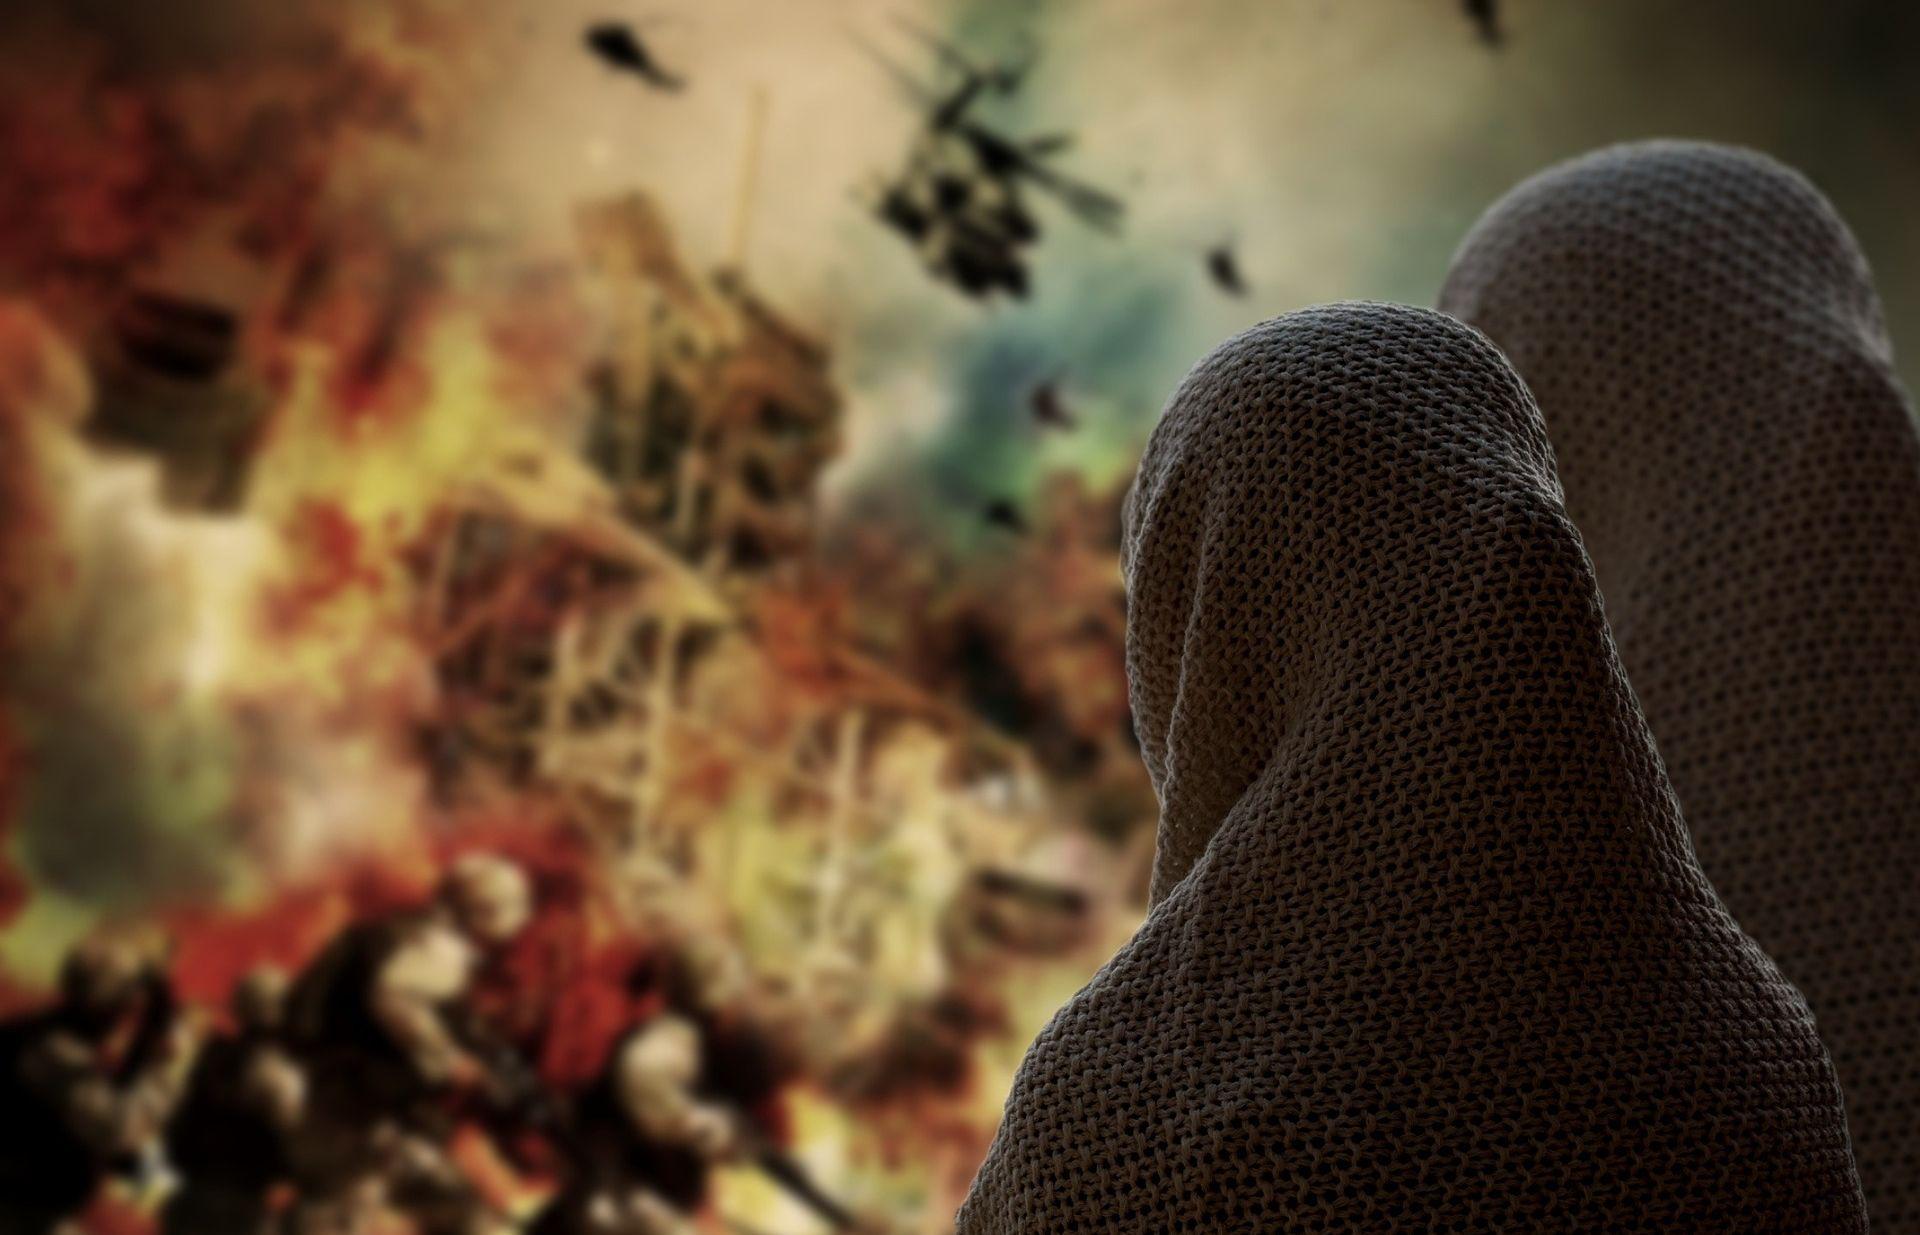 FELJTON Putovanje u carstvo zla